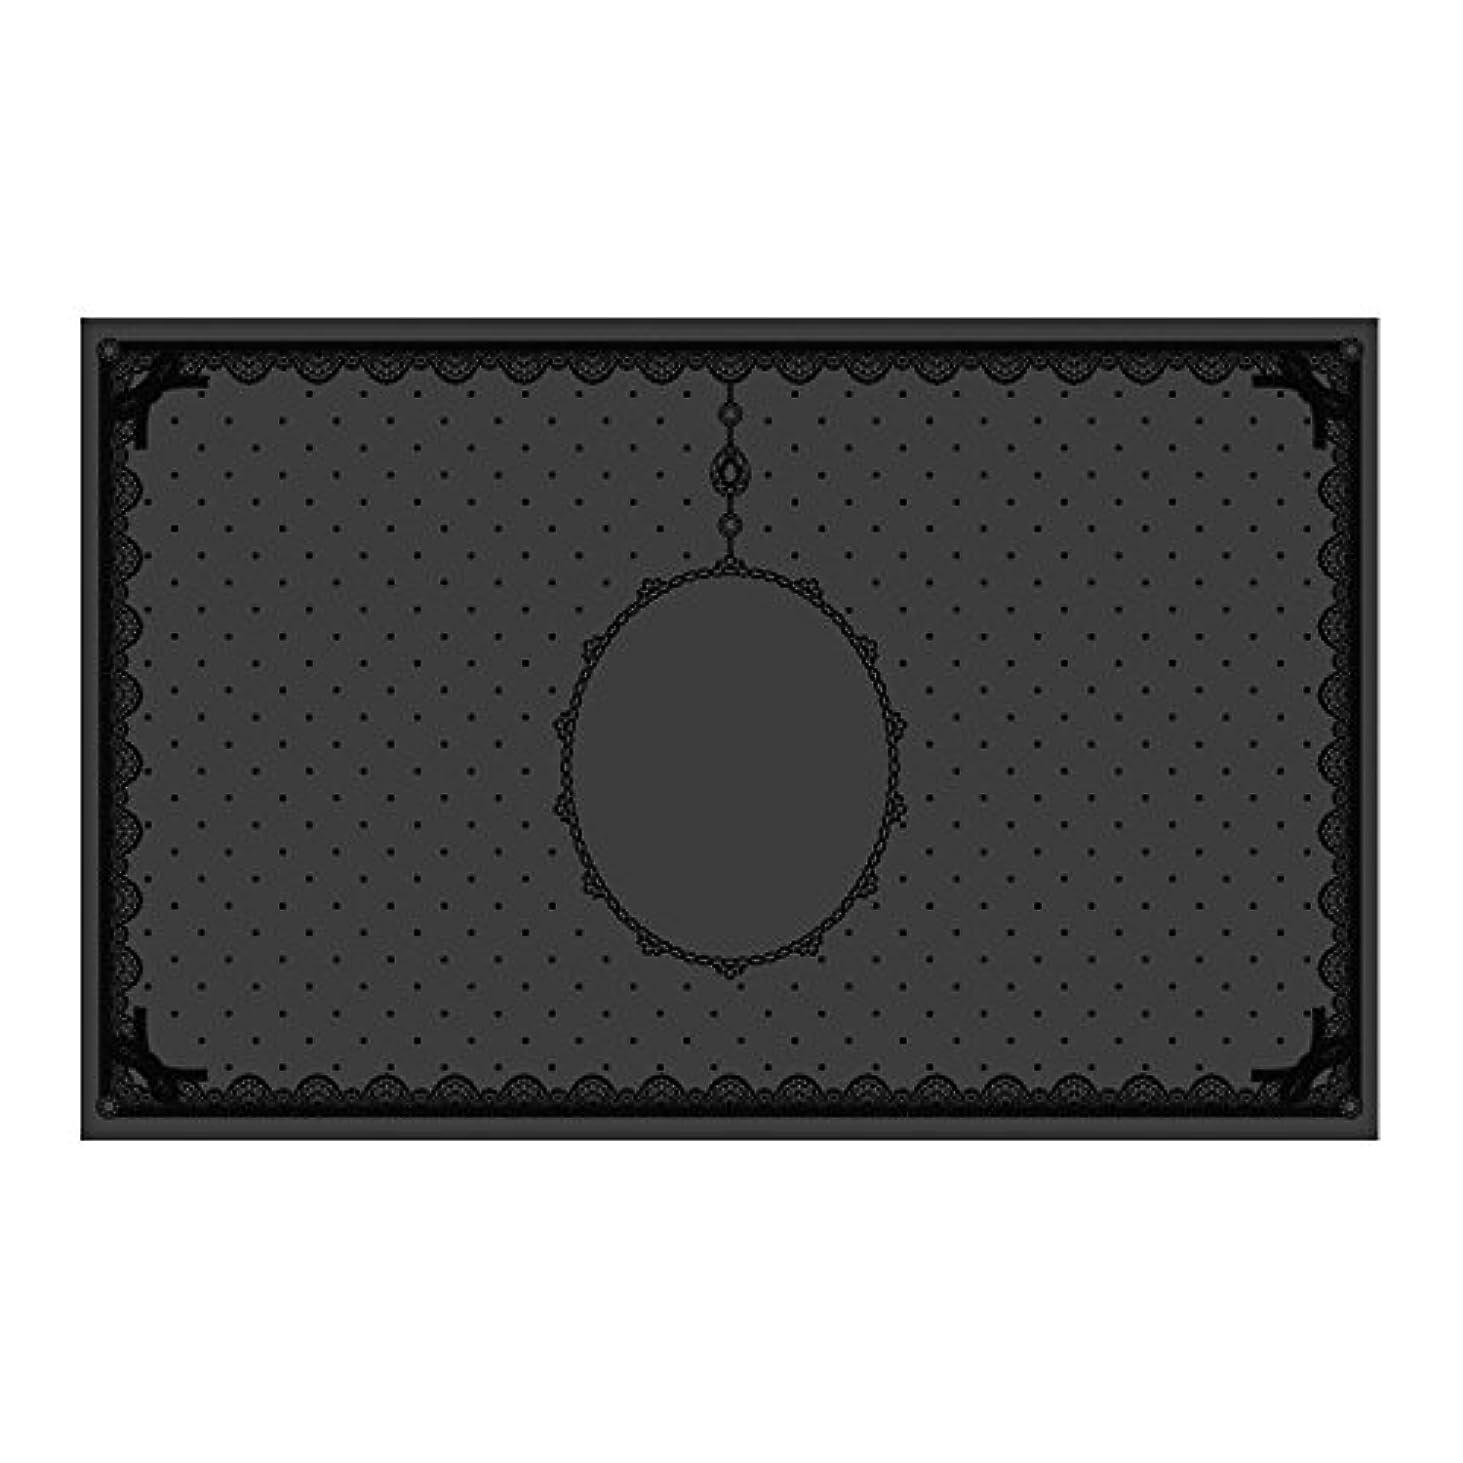 開拓者旧正月ルールシリコンマット(表面コート)ブラック